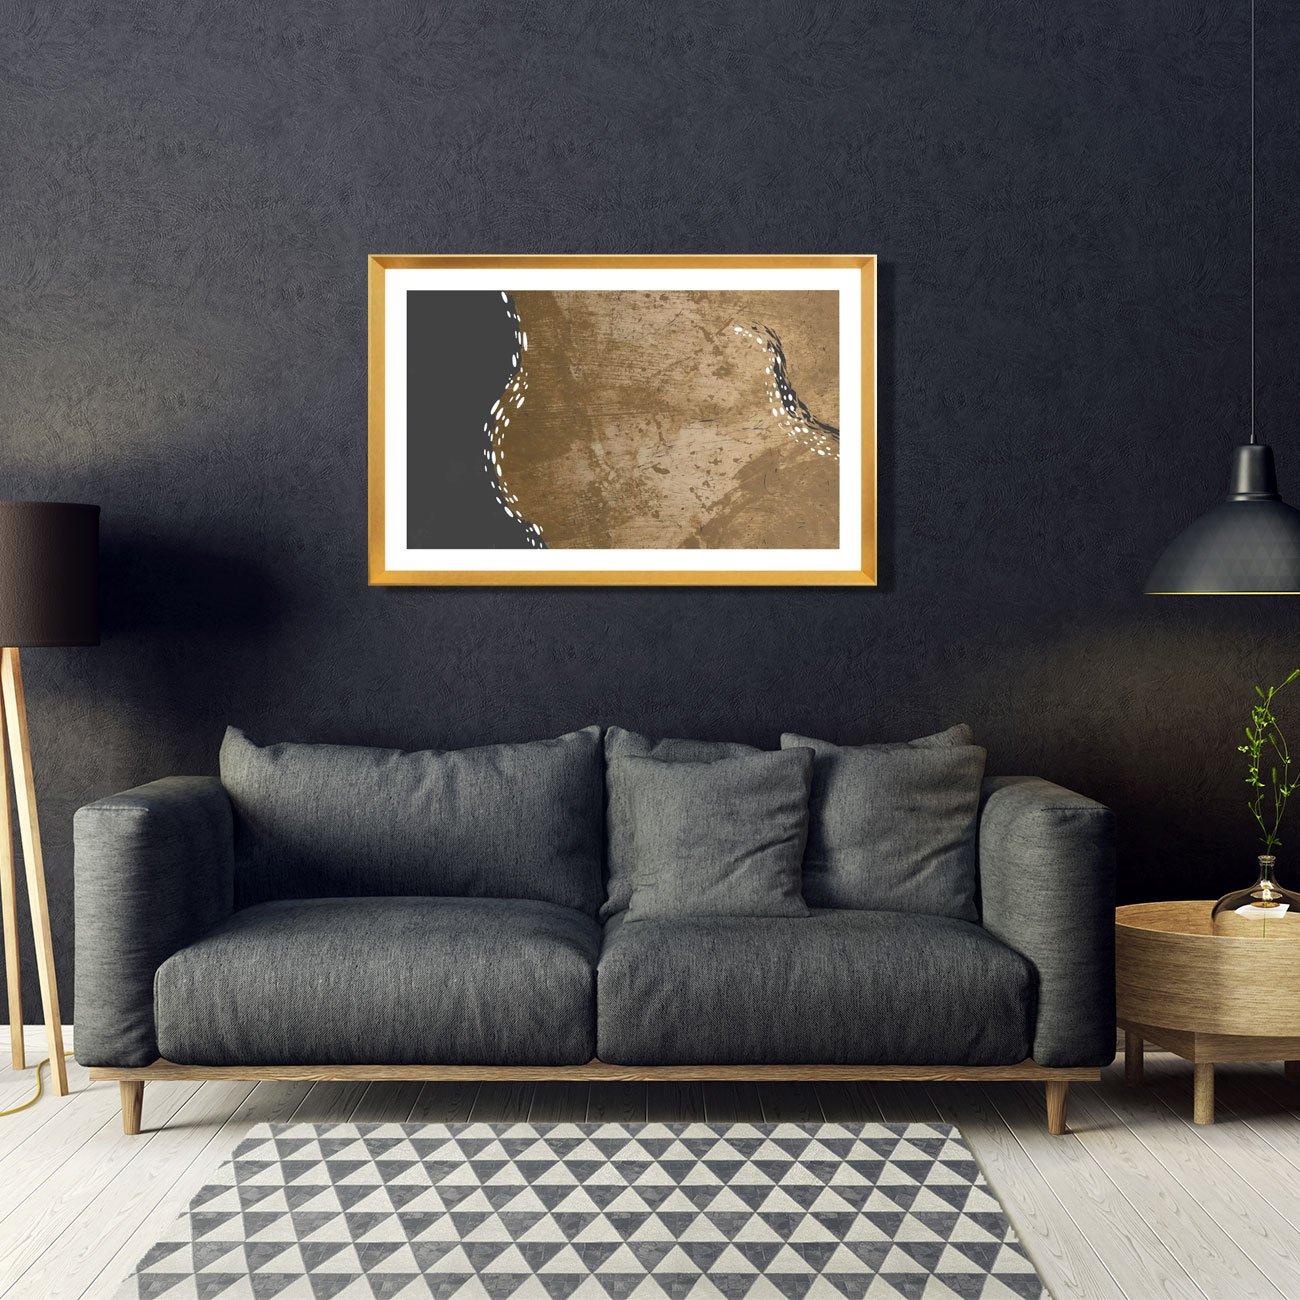 Quadro Moderno com Moldura Dourada Imagem Abstrata 115x75 cm